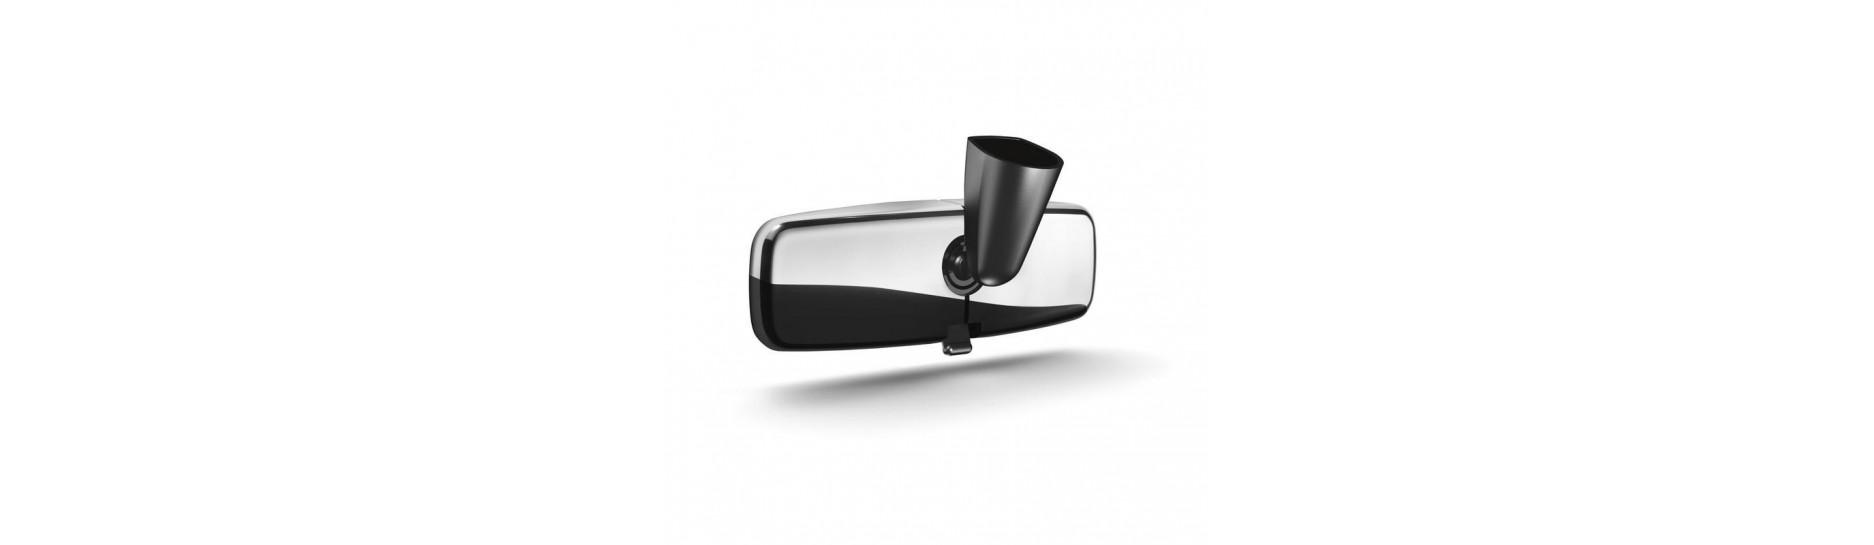 Copri specchietti retrovisori Peugeot